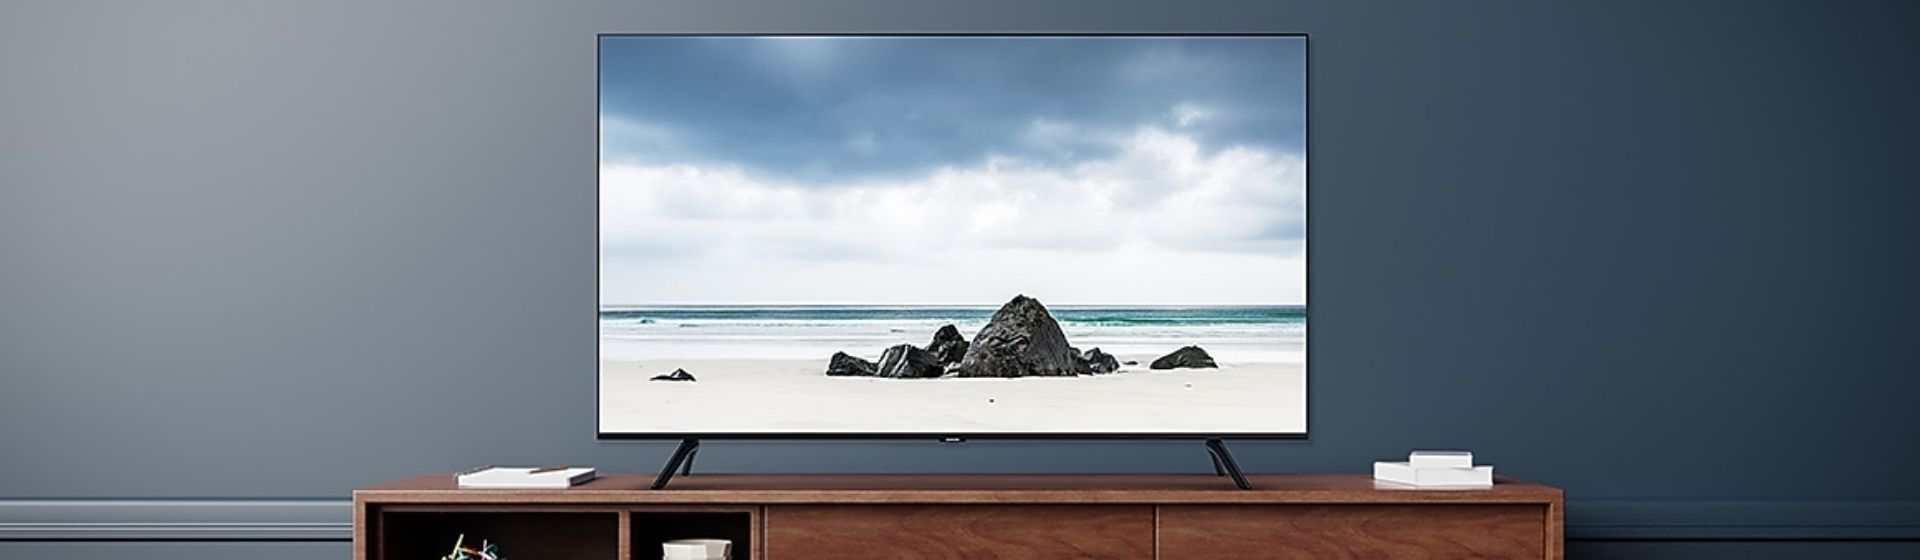 TV barata Samsung: confira as melhores opções da marca até 1500 reais